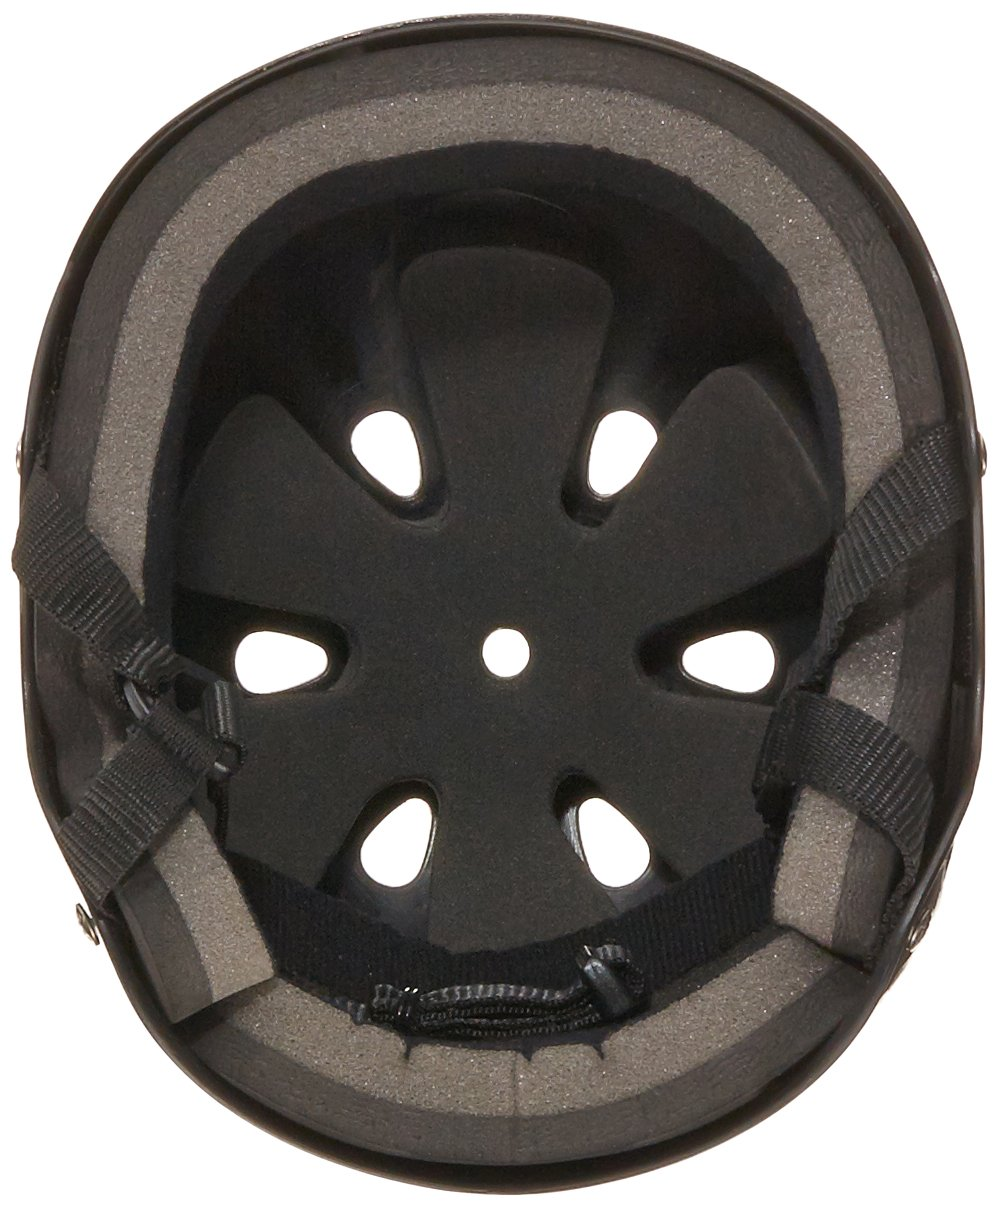 Triple 8 Standard Liner Skateboarding Helmet